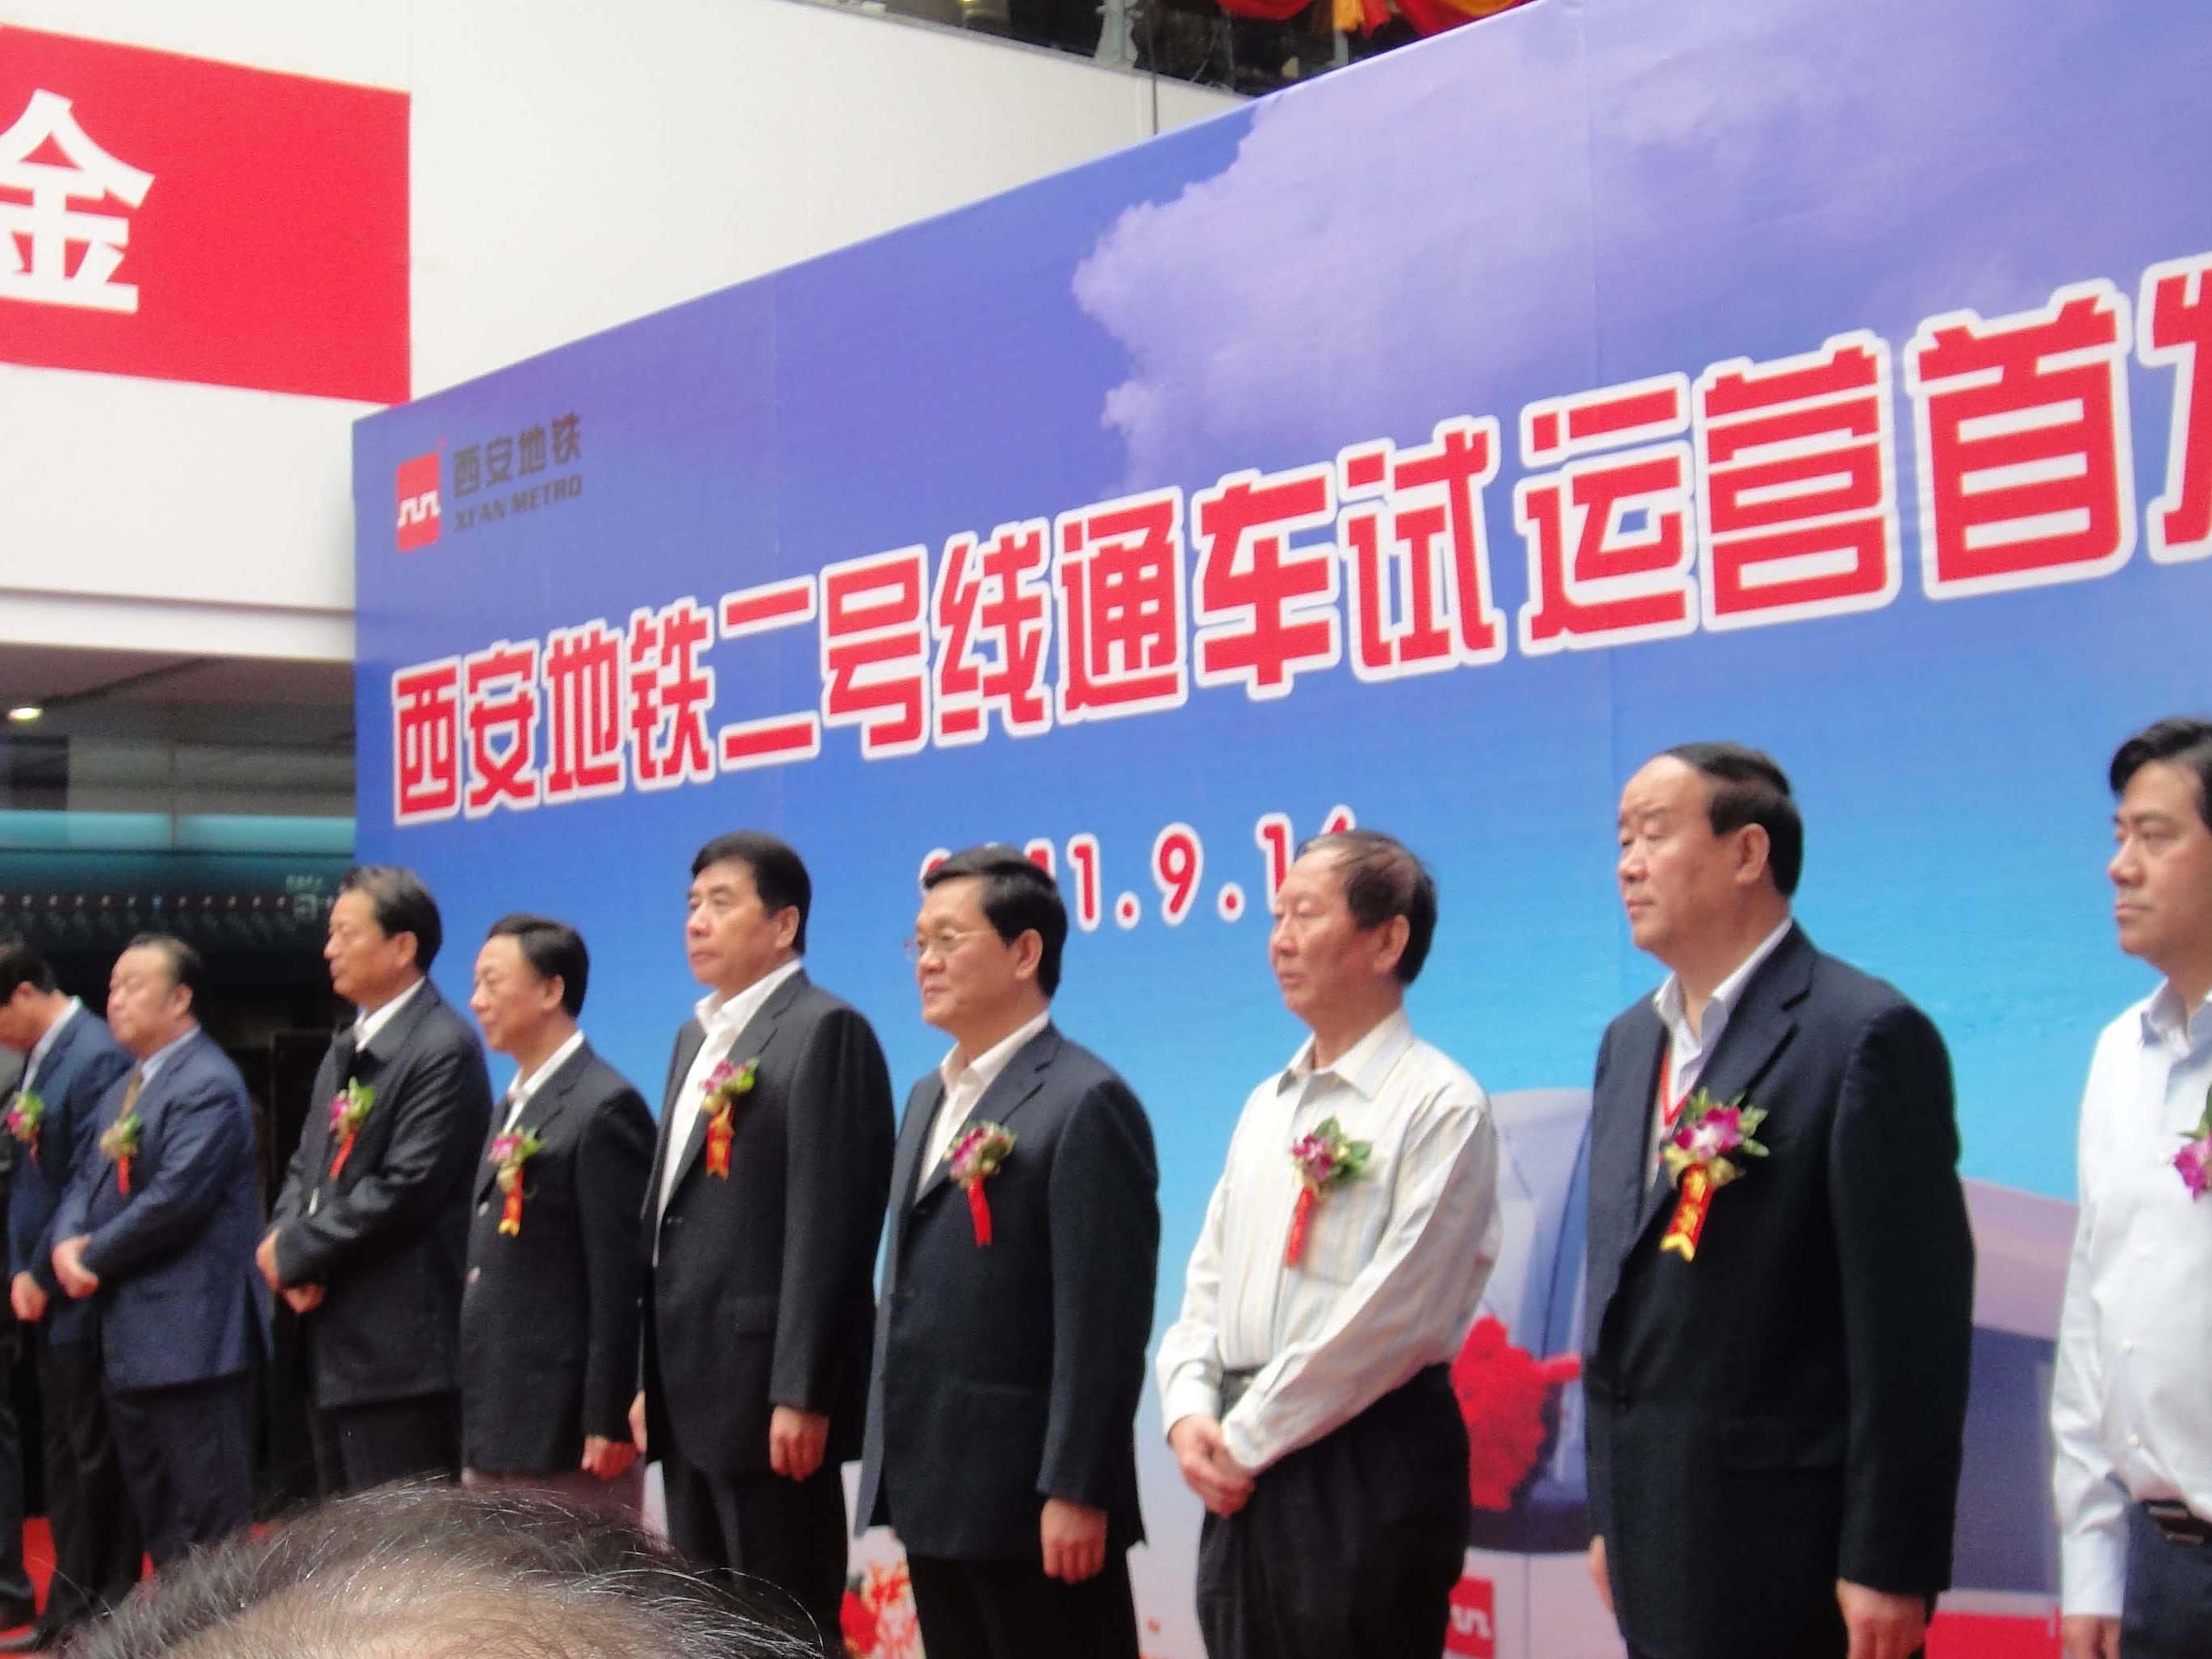 西安市常务副市长岳华峰致辞并宣布西安地铁二号线通车试